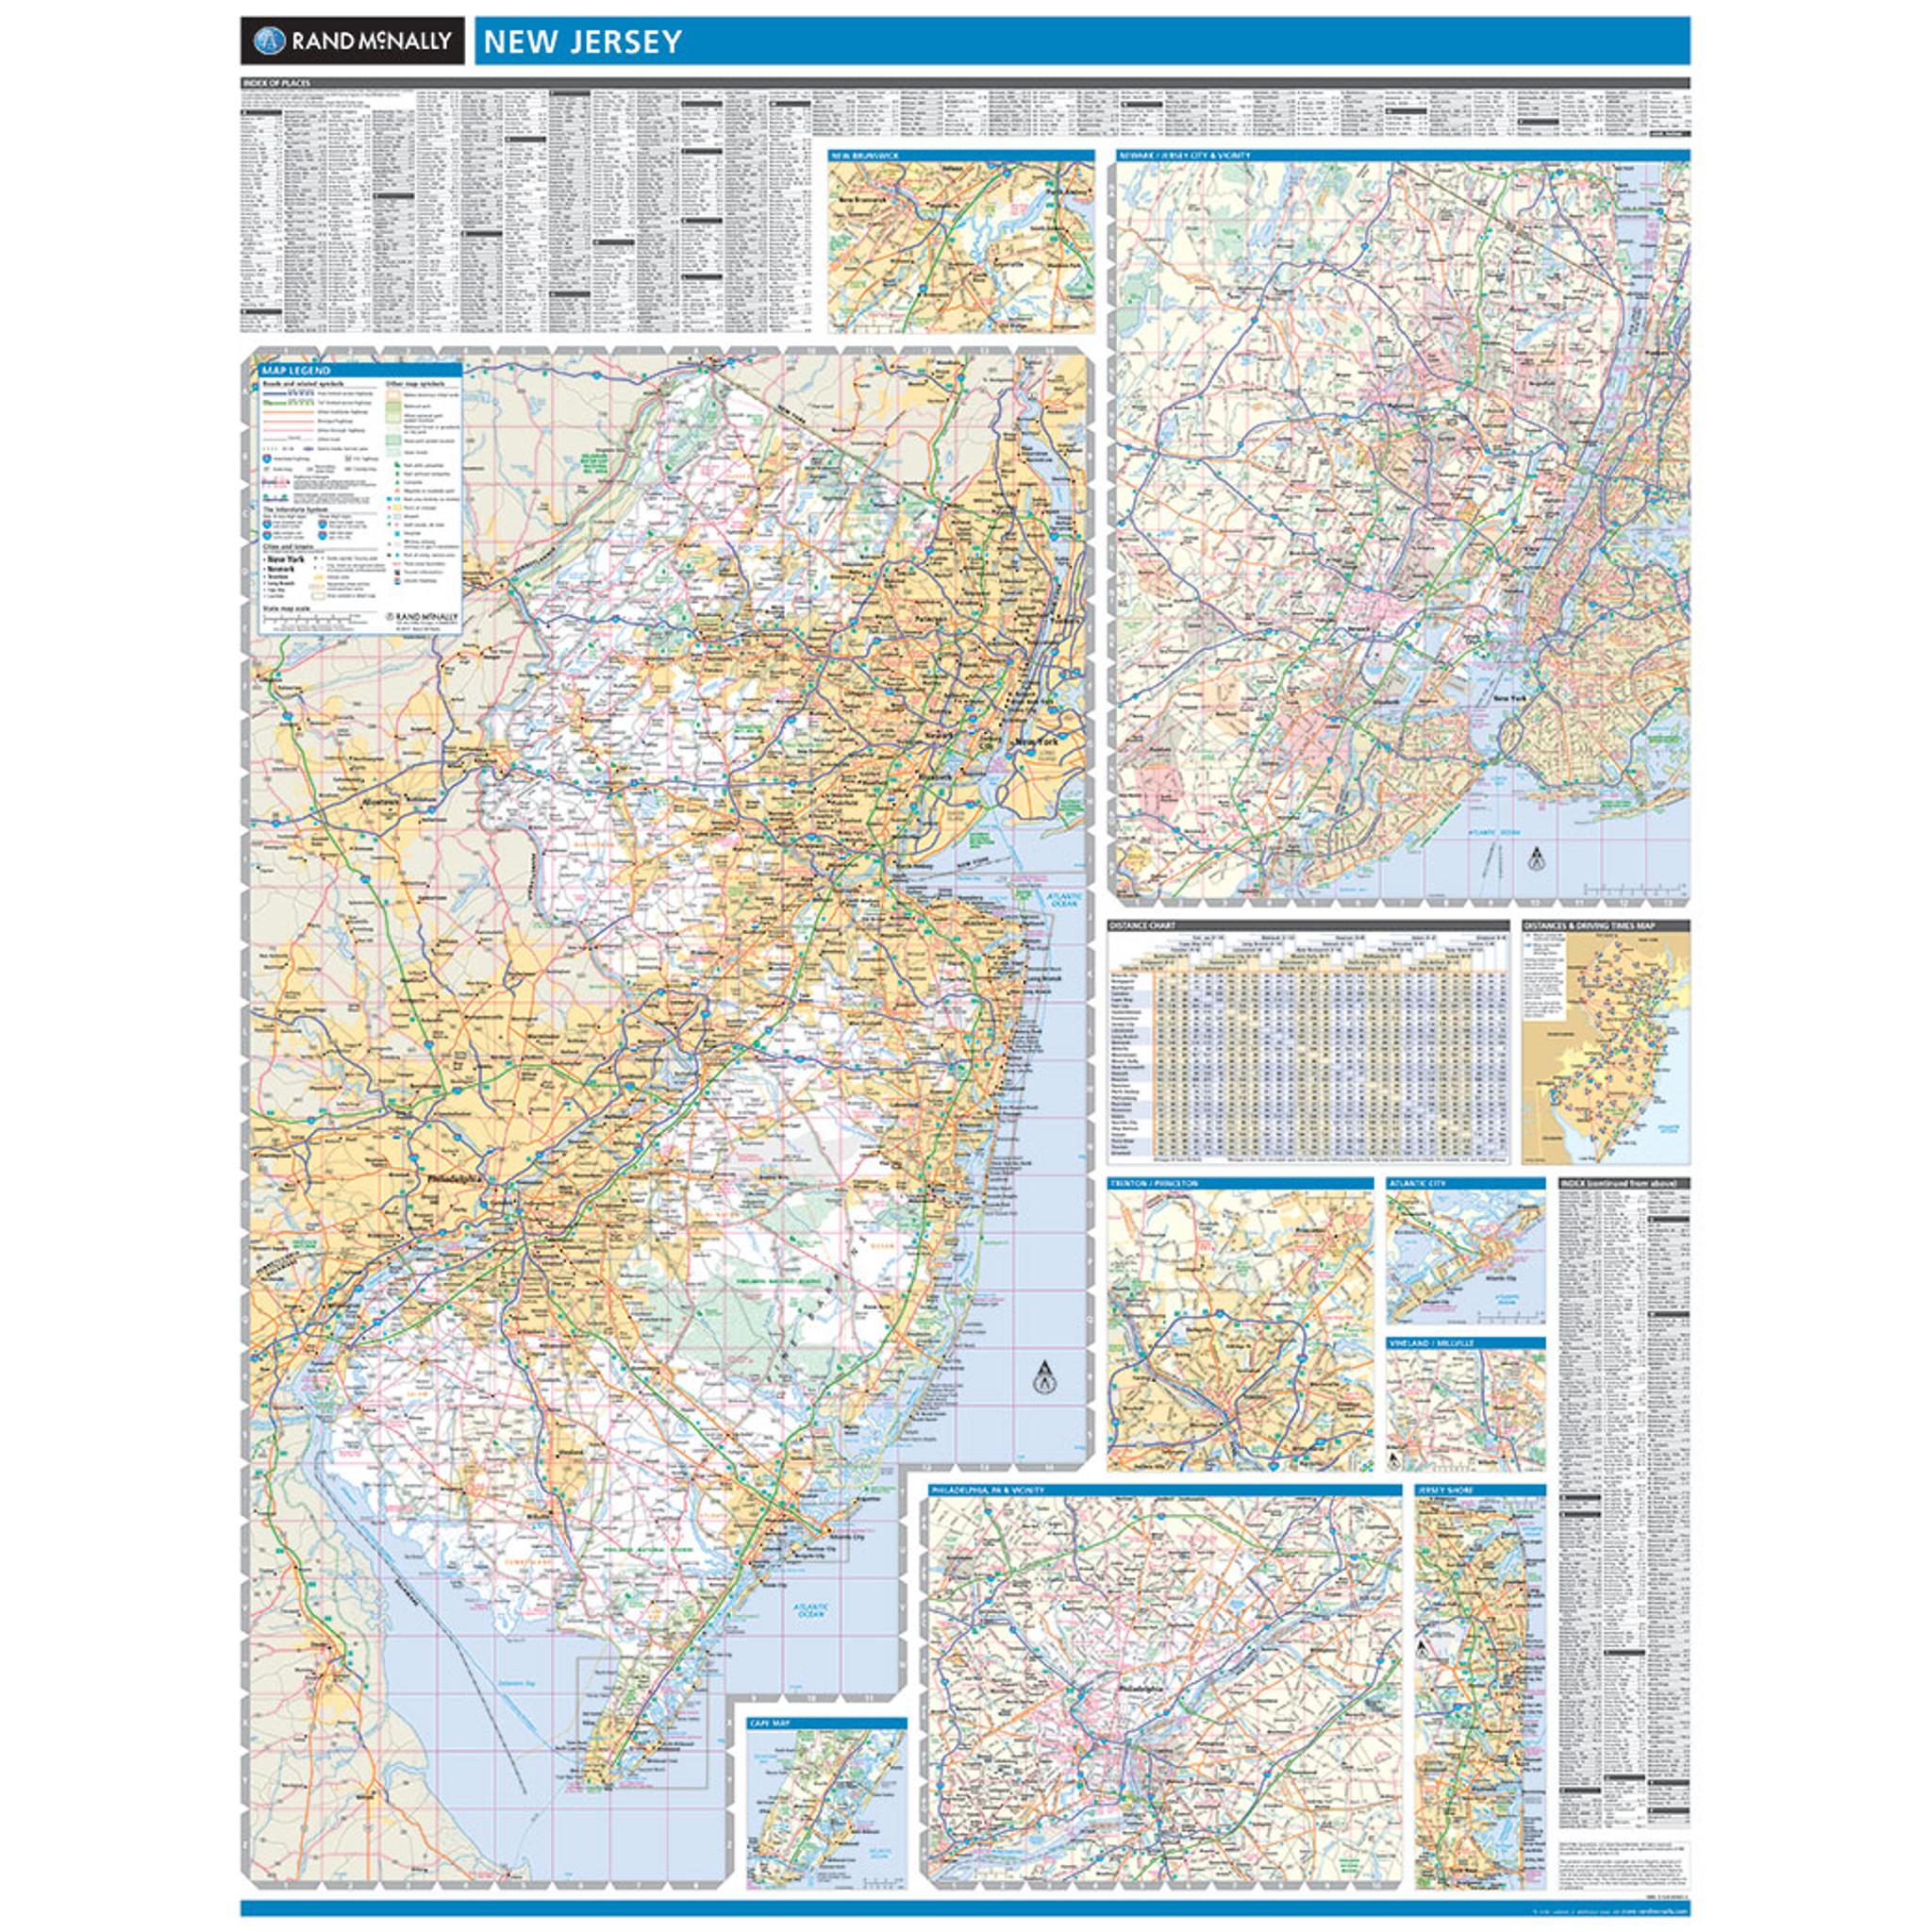 Rand McNally New Jersey State Wall Map